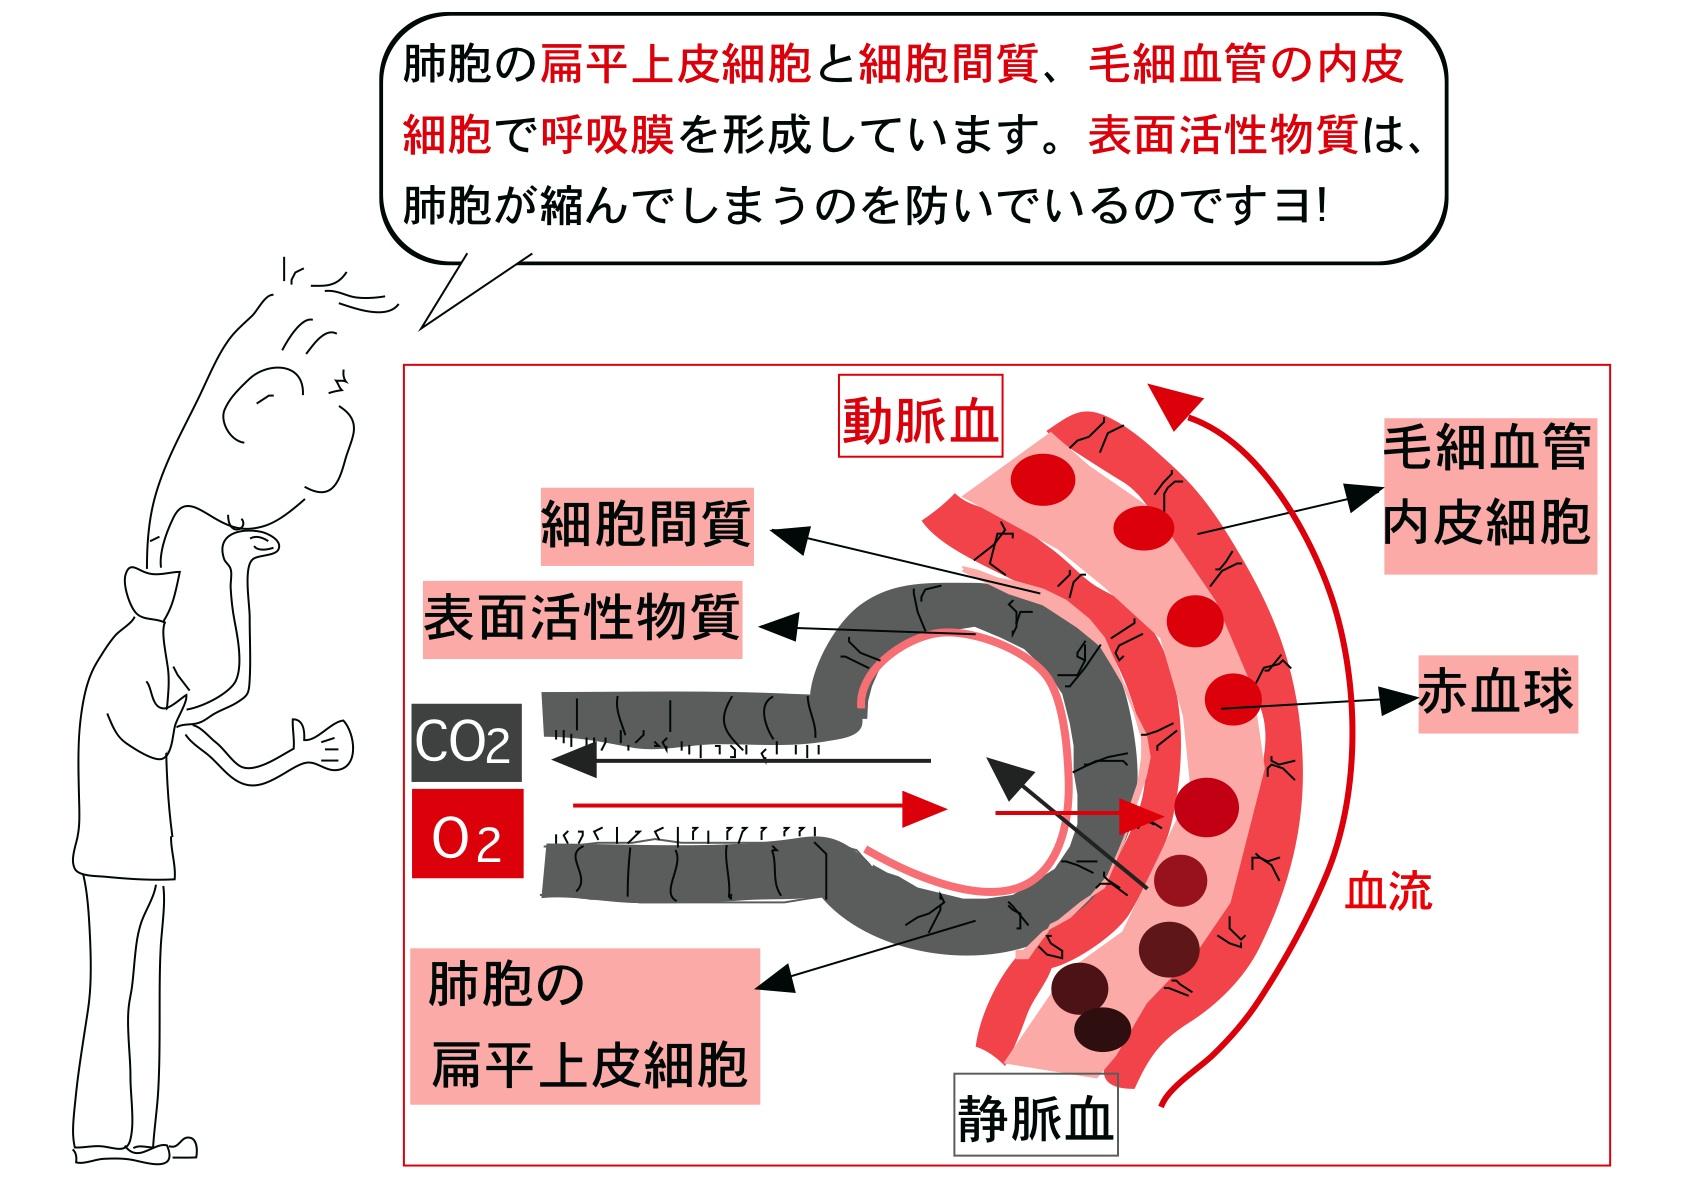 肺胞.png 補)肺胞と血液の間で行われる酸素と二酸化炭素のガス交換を外呼吸(がいこ... 看護